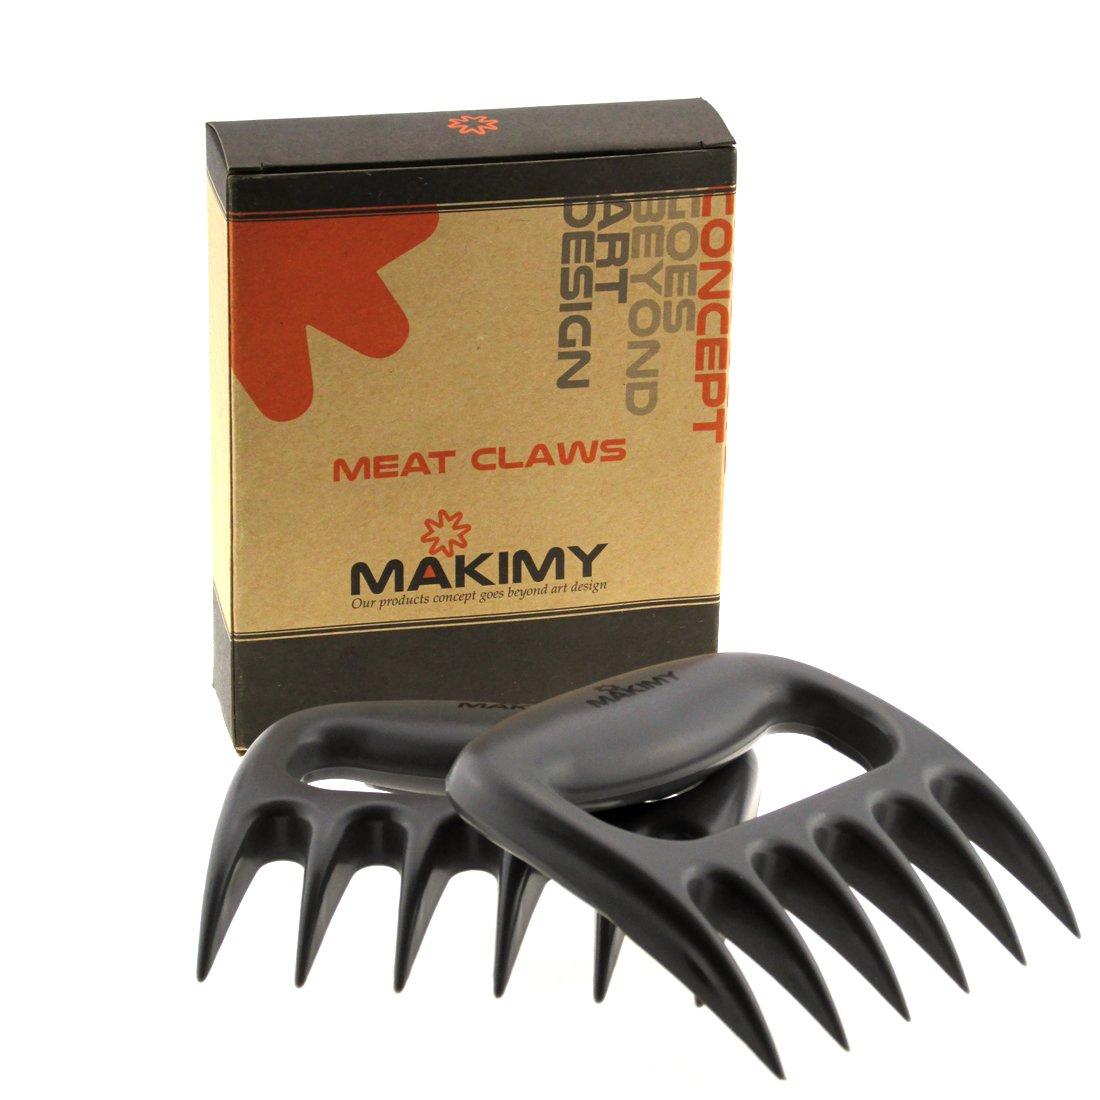 Makimy Pulled Pork Shredder Meat Claws - Best Meat handling Forks